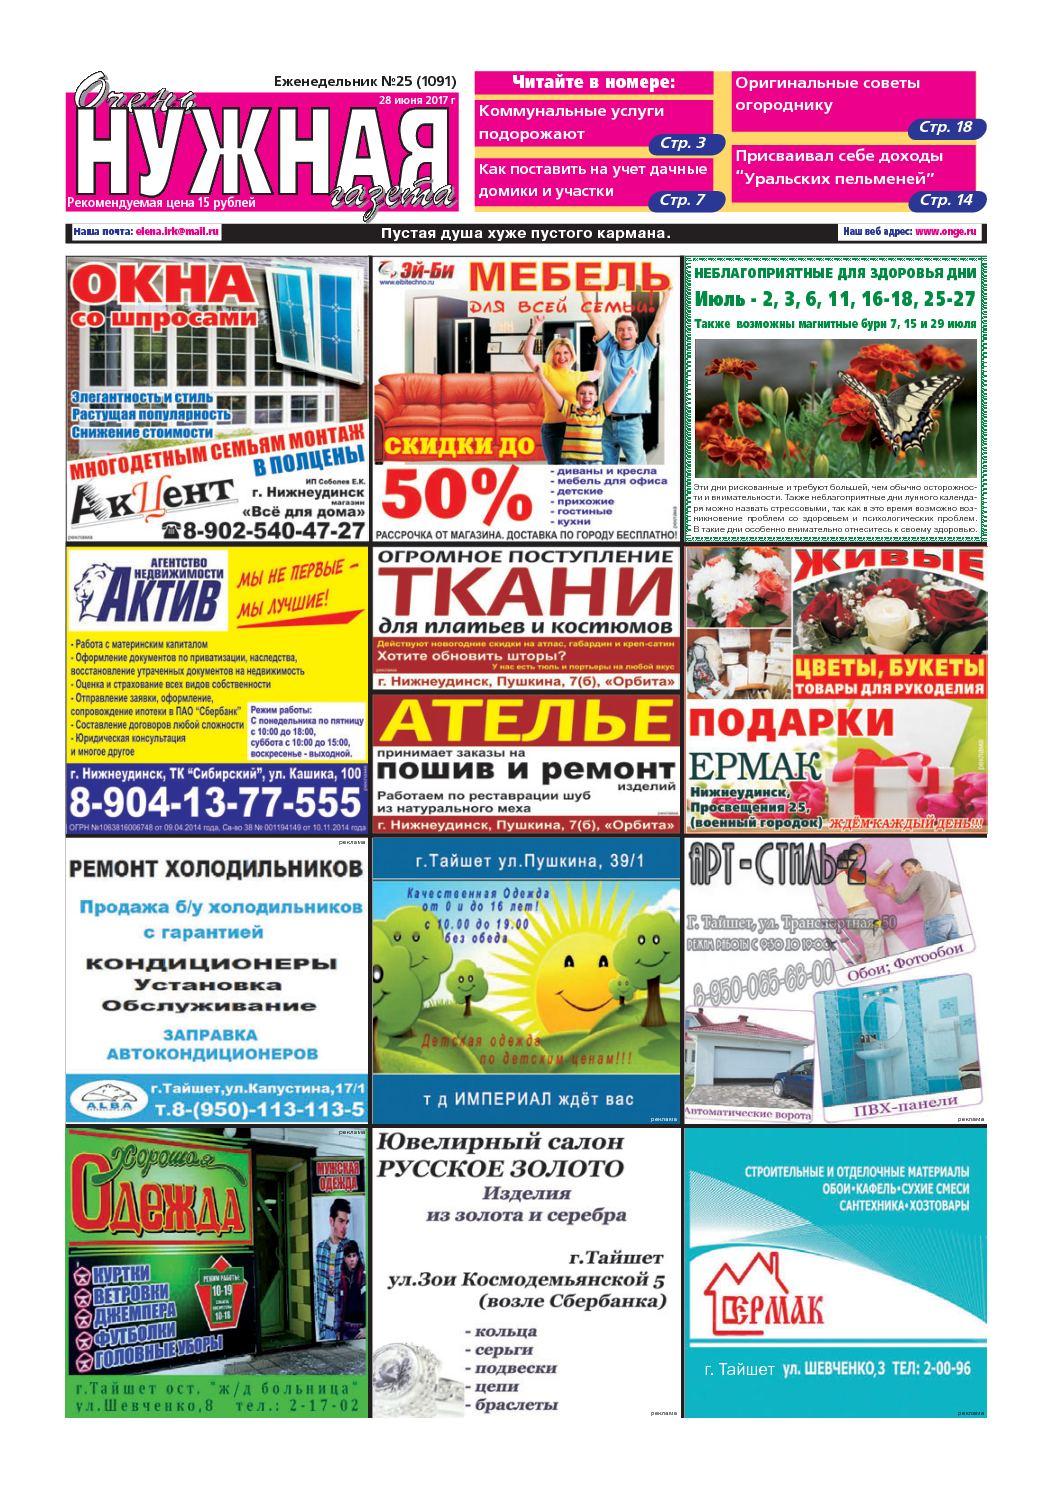 Купить справку 2 ндфл Байкальская улица обучение ипотечный брокер